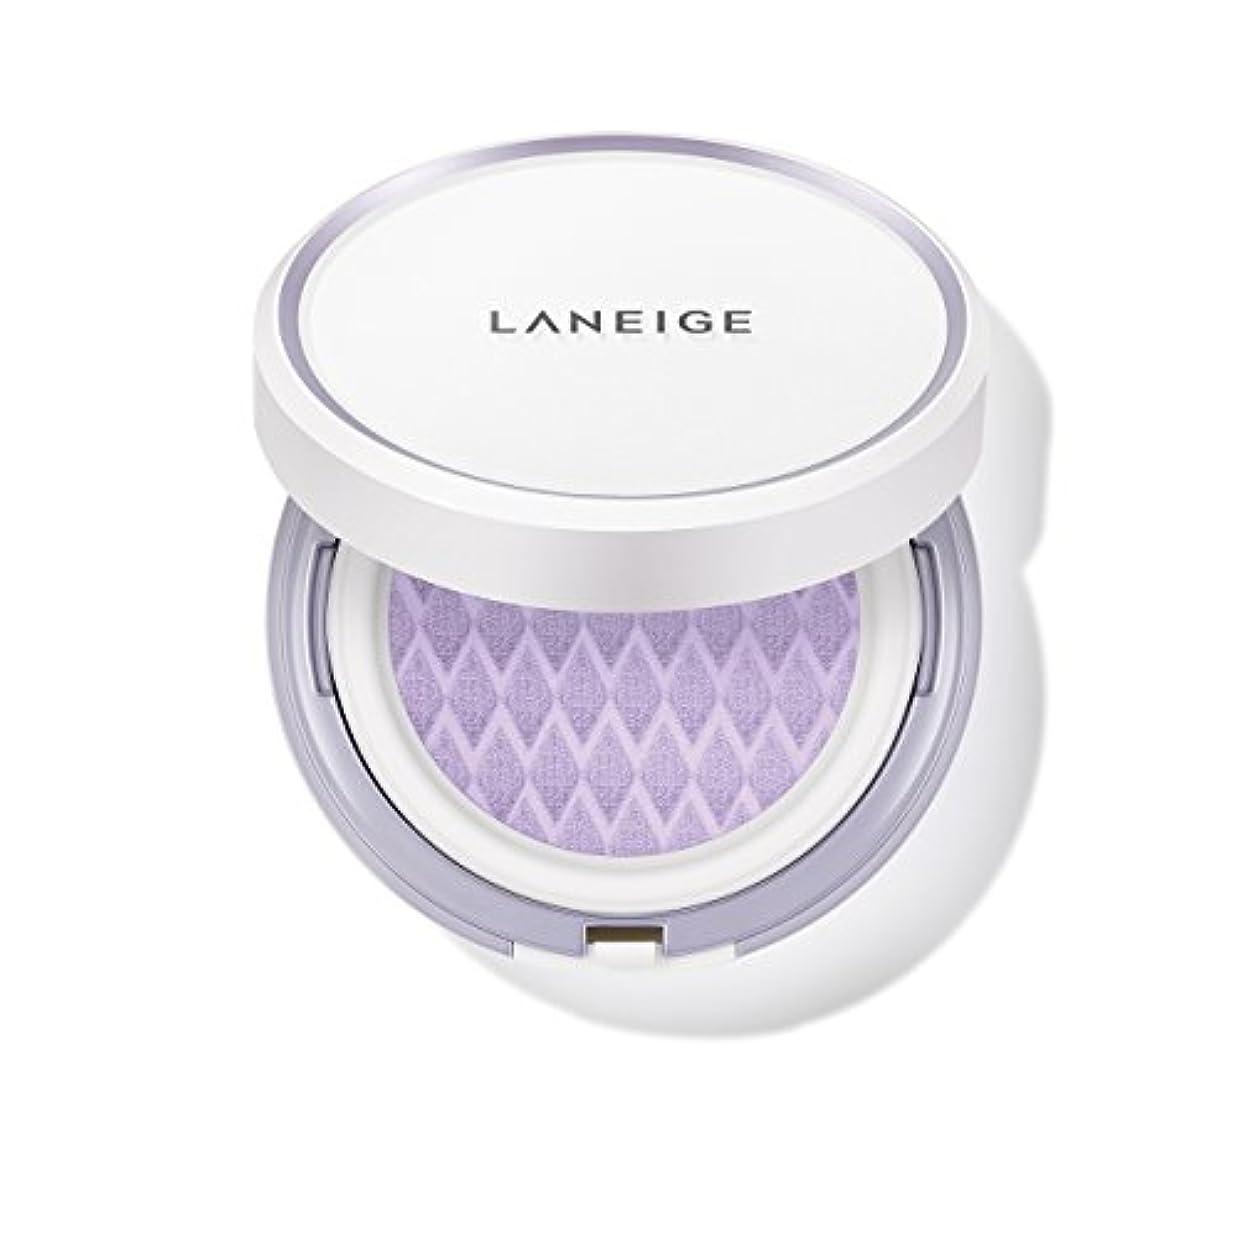 敬意を表して斧カートリッジラネージュ[LANEIGE]*AMOREPACIFIC*[新商品]スキンベなベースクッションSPF 22PA++(#40 Light Purple) 15g*2 / LANEIGE Skin Veil Base Cushion...